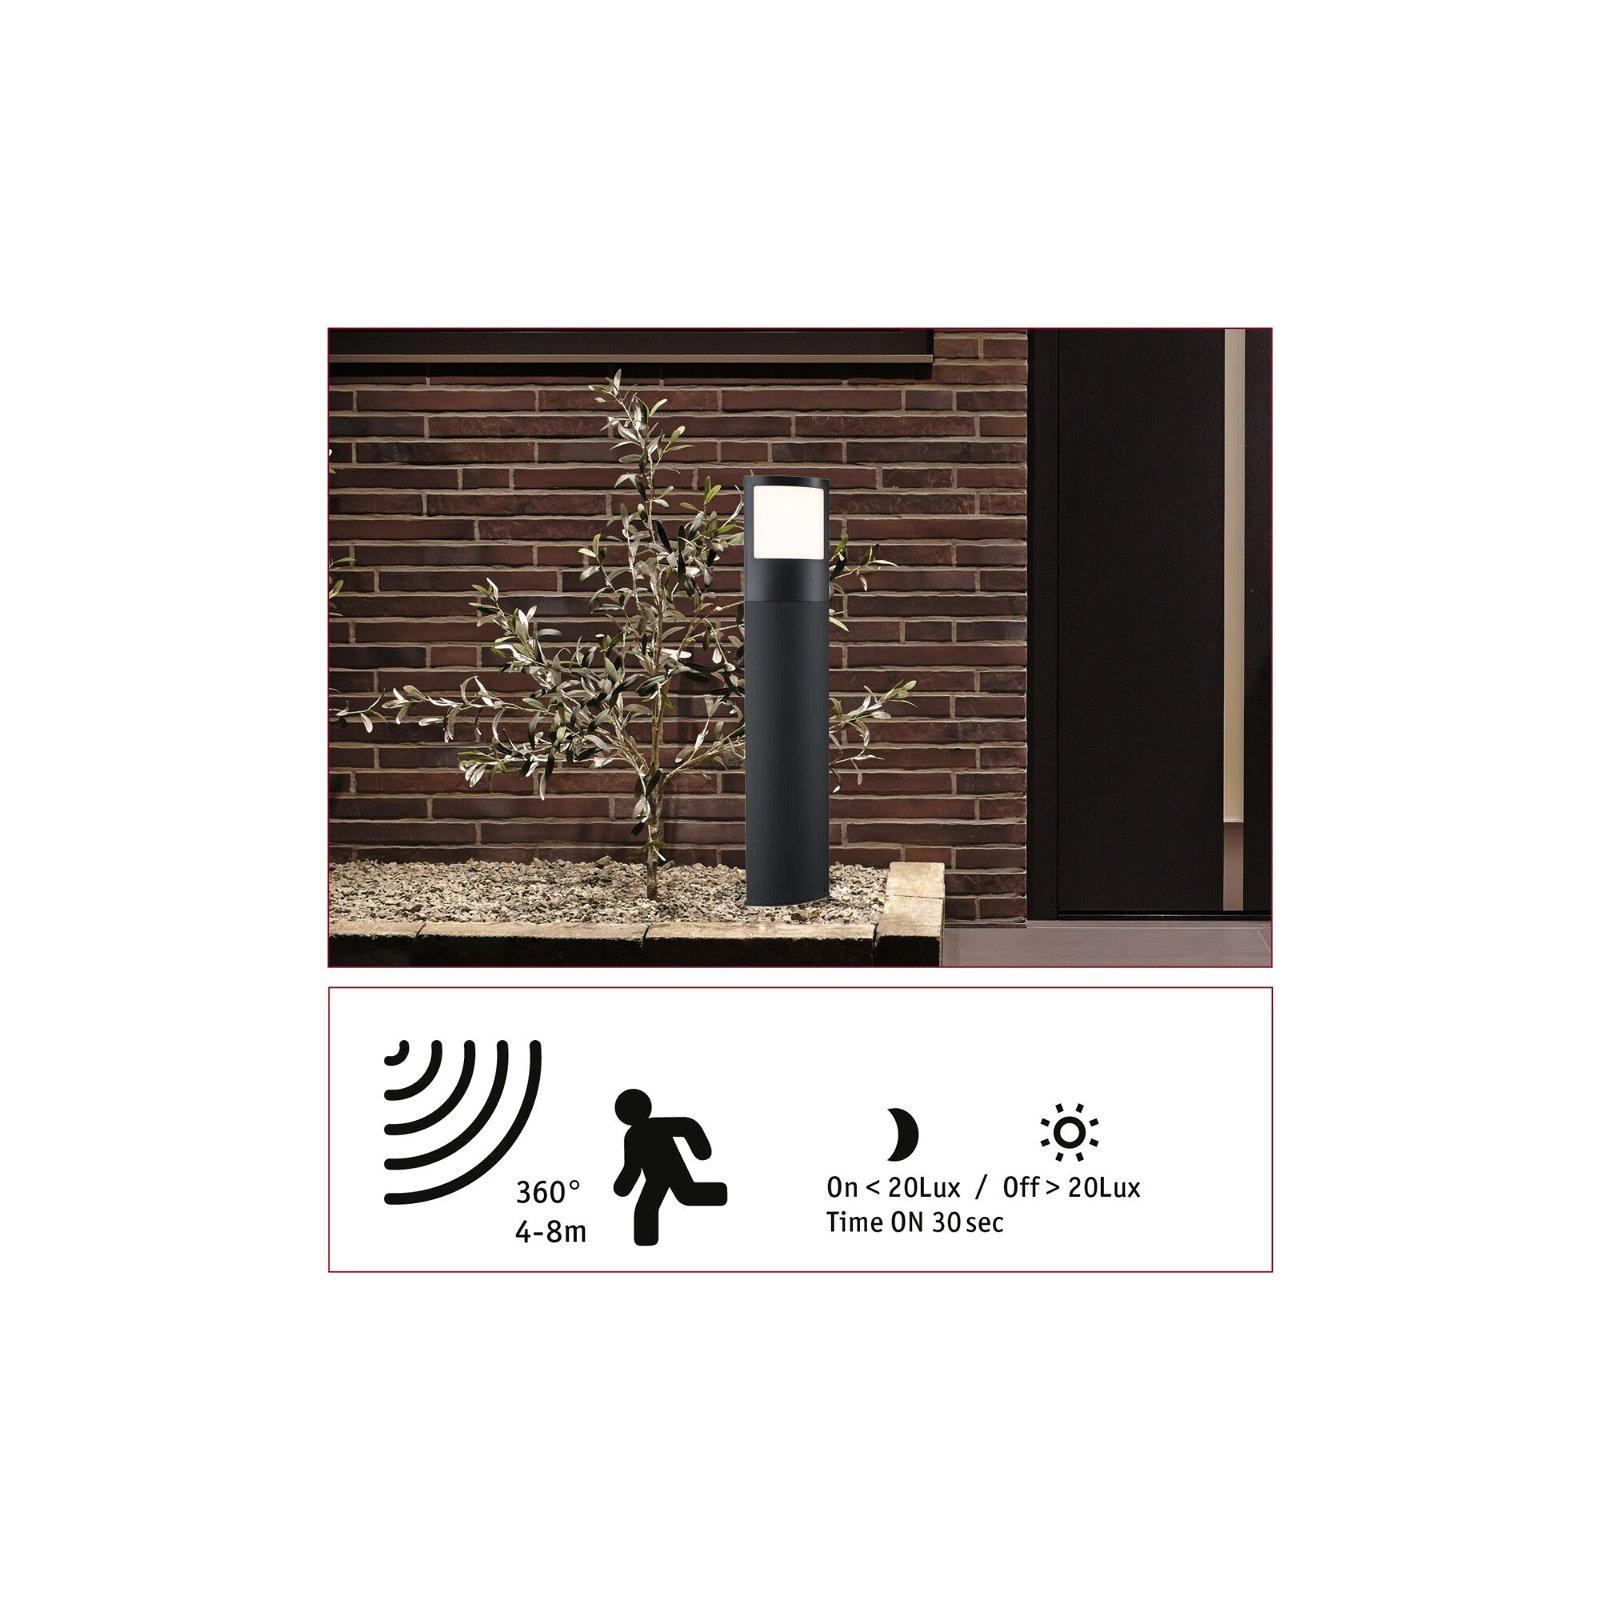 LED Pollerleuchte Padea Dämmerungssensor und Bewegungsmelder Bewegungsmelder Warmweiß IP44 847mm 3000K 8,5W 1200lm 230V Anthrazit Kunststoff